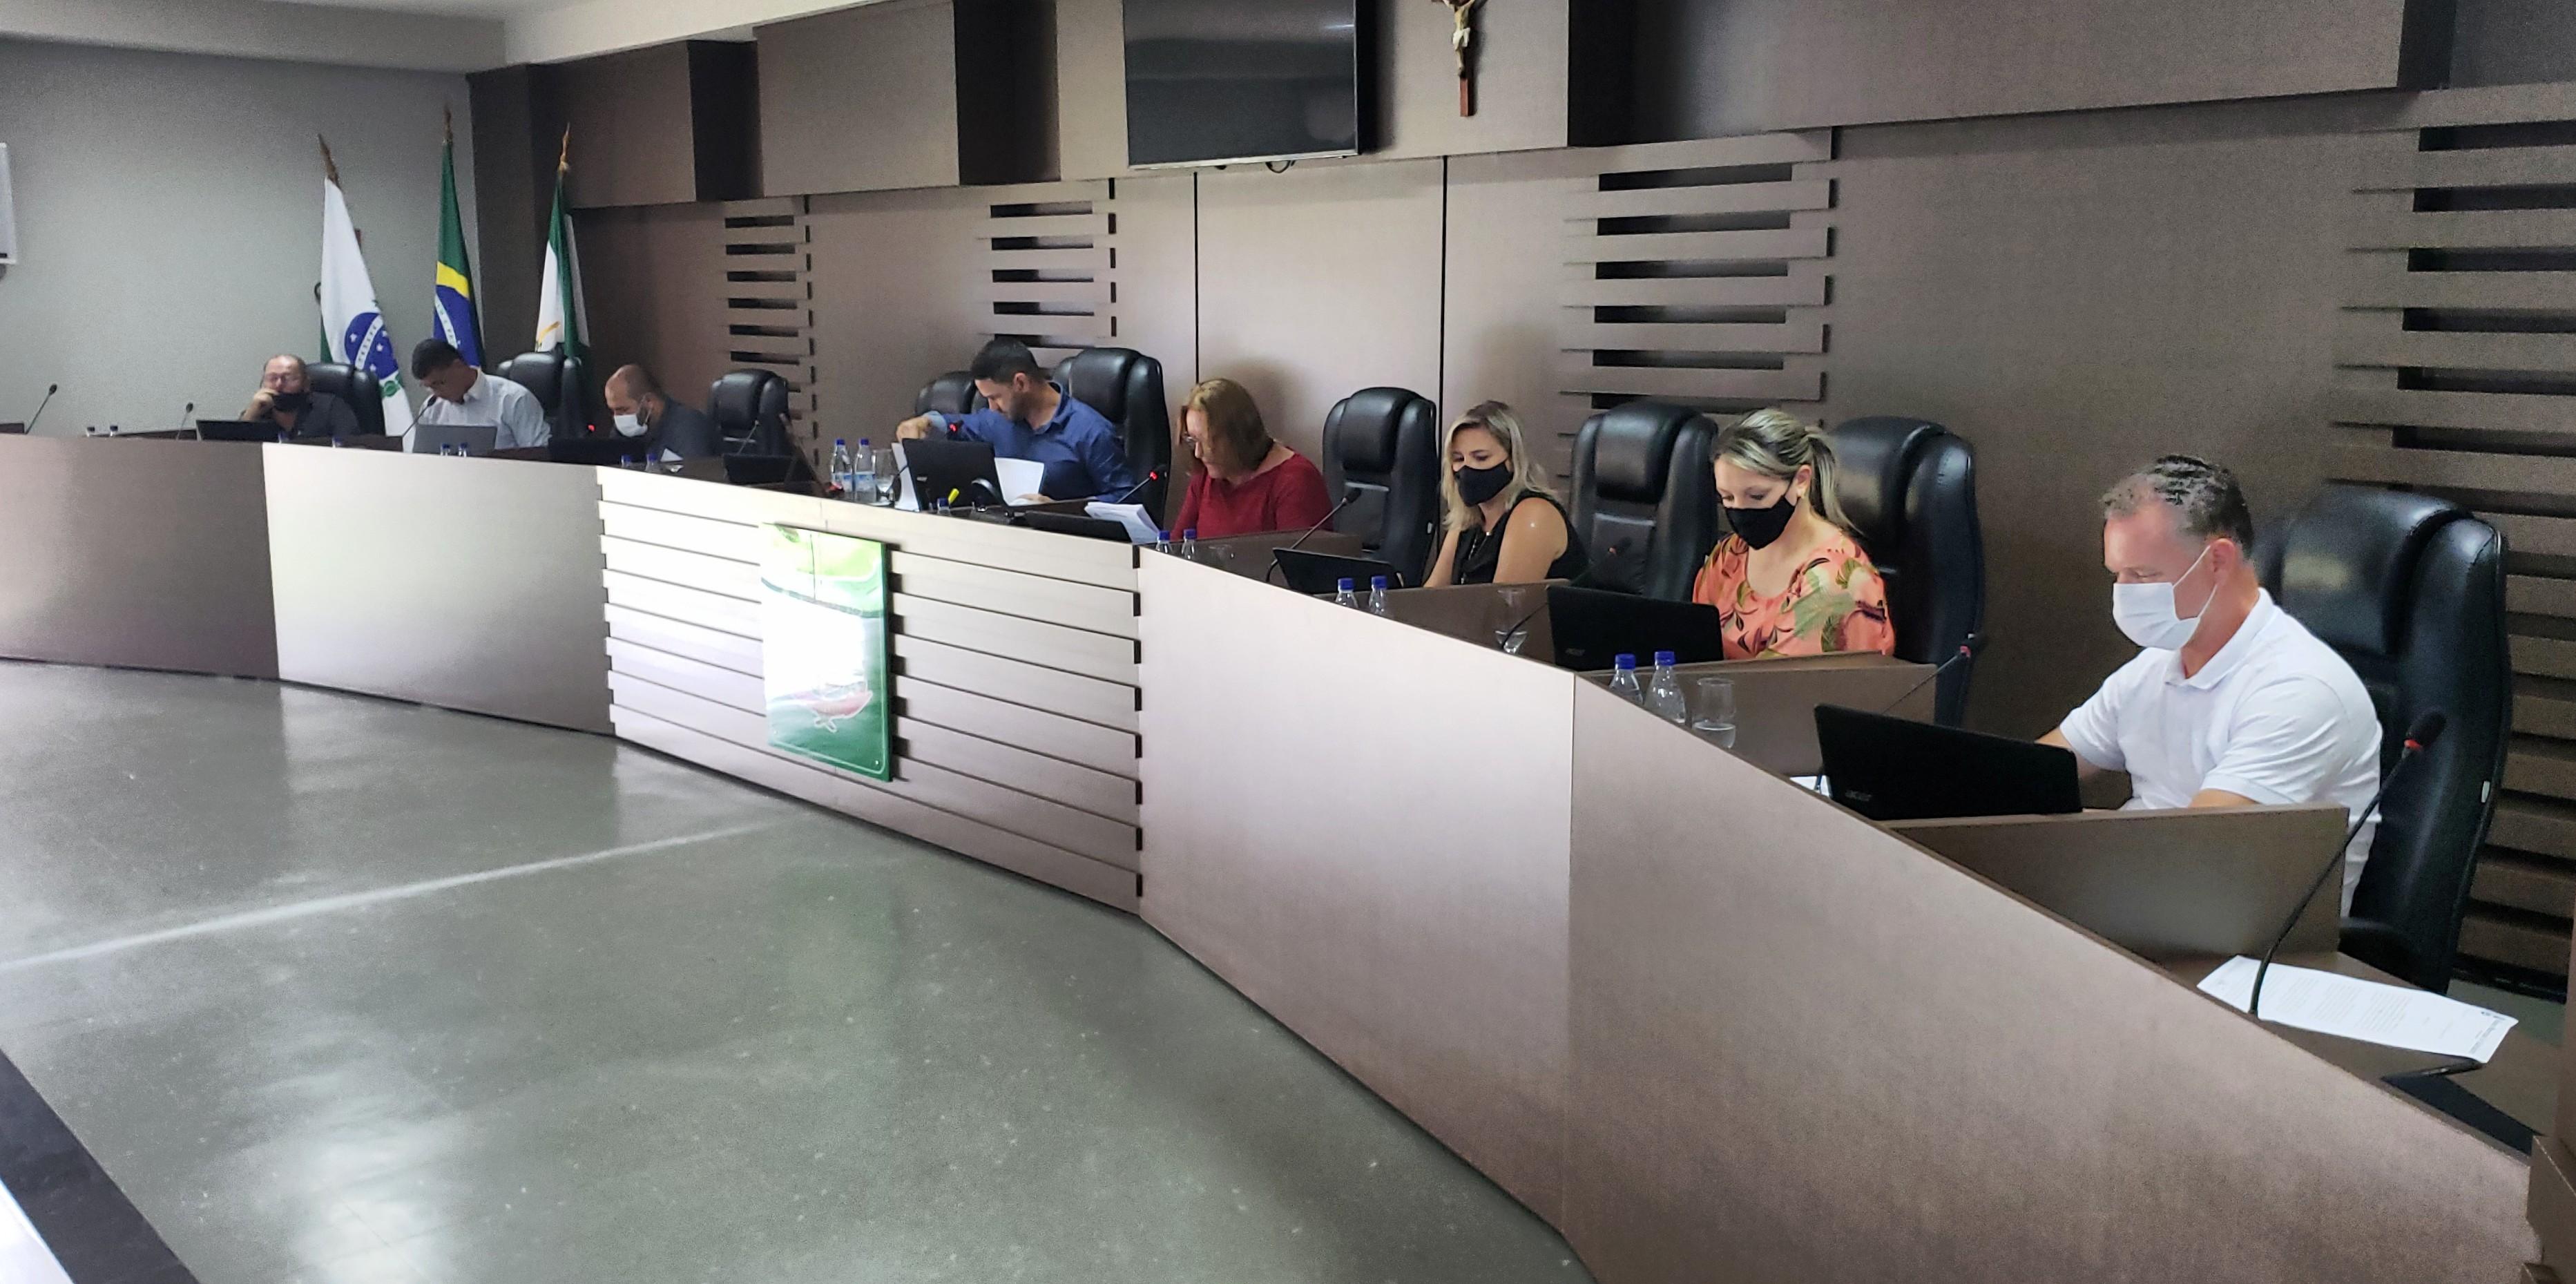 Vereadores realizam Sessão Extraordinária para deliberação de Projetos importantes, dentre eles, a recomposição salarial dos Servidores Públicos Municipais.